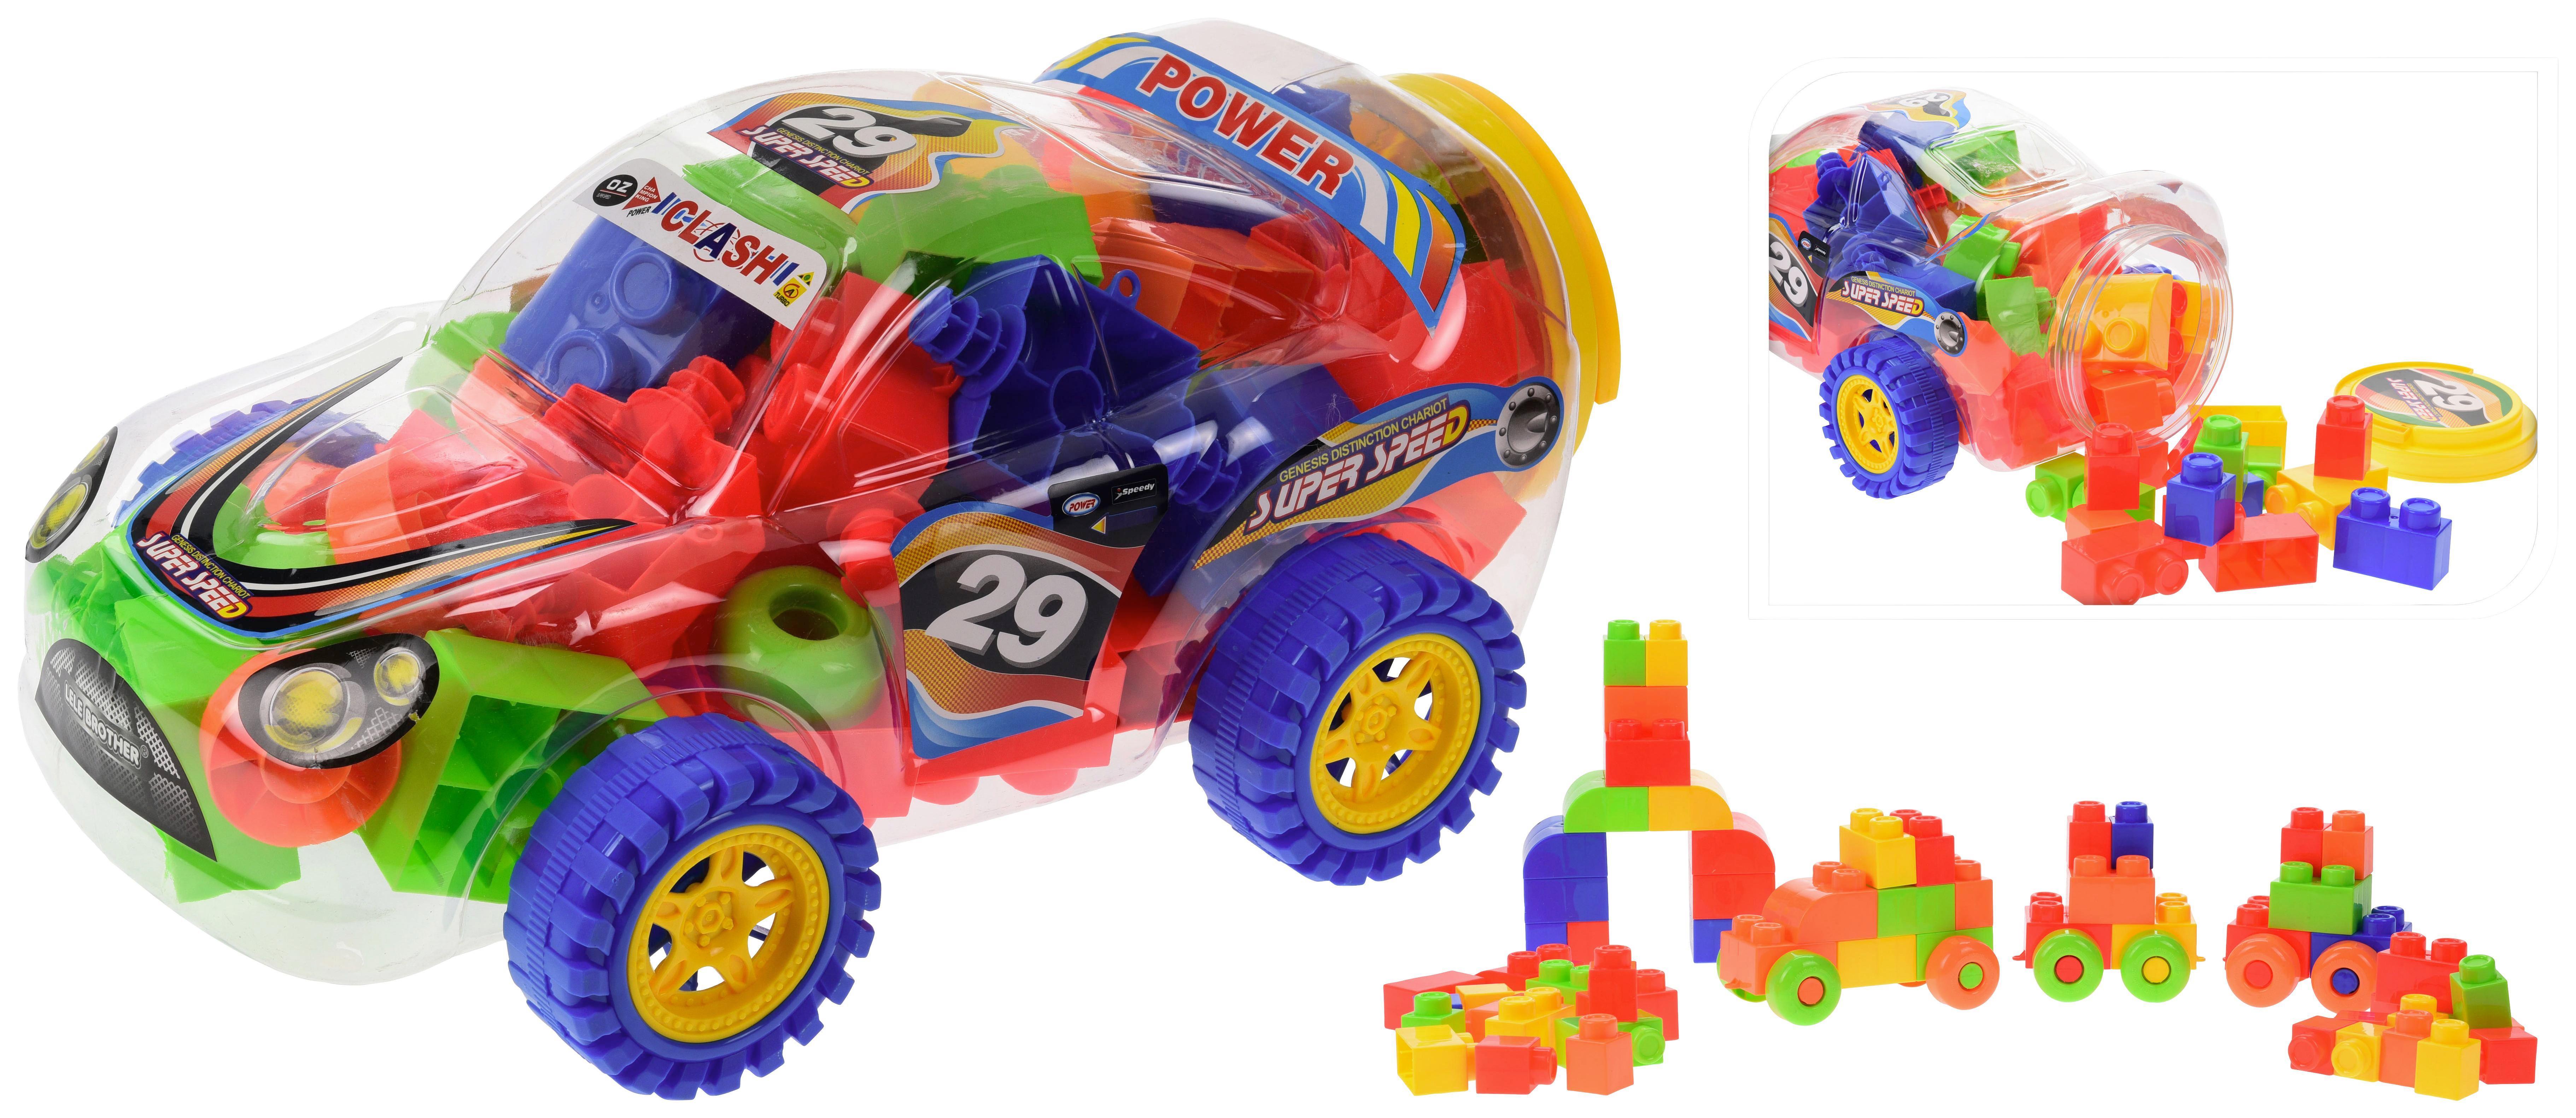 Bausteine Feuerwehr Station Spielzeug Steckbausteine Steine Auto 69 tlg ab 3j Kleinkindspielzeug